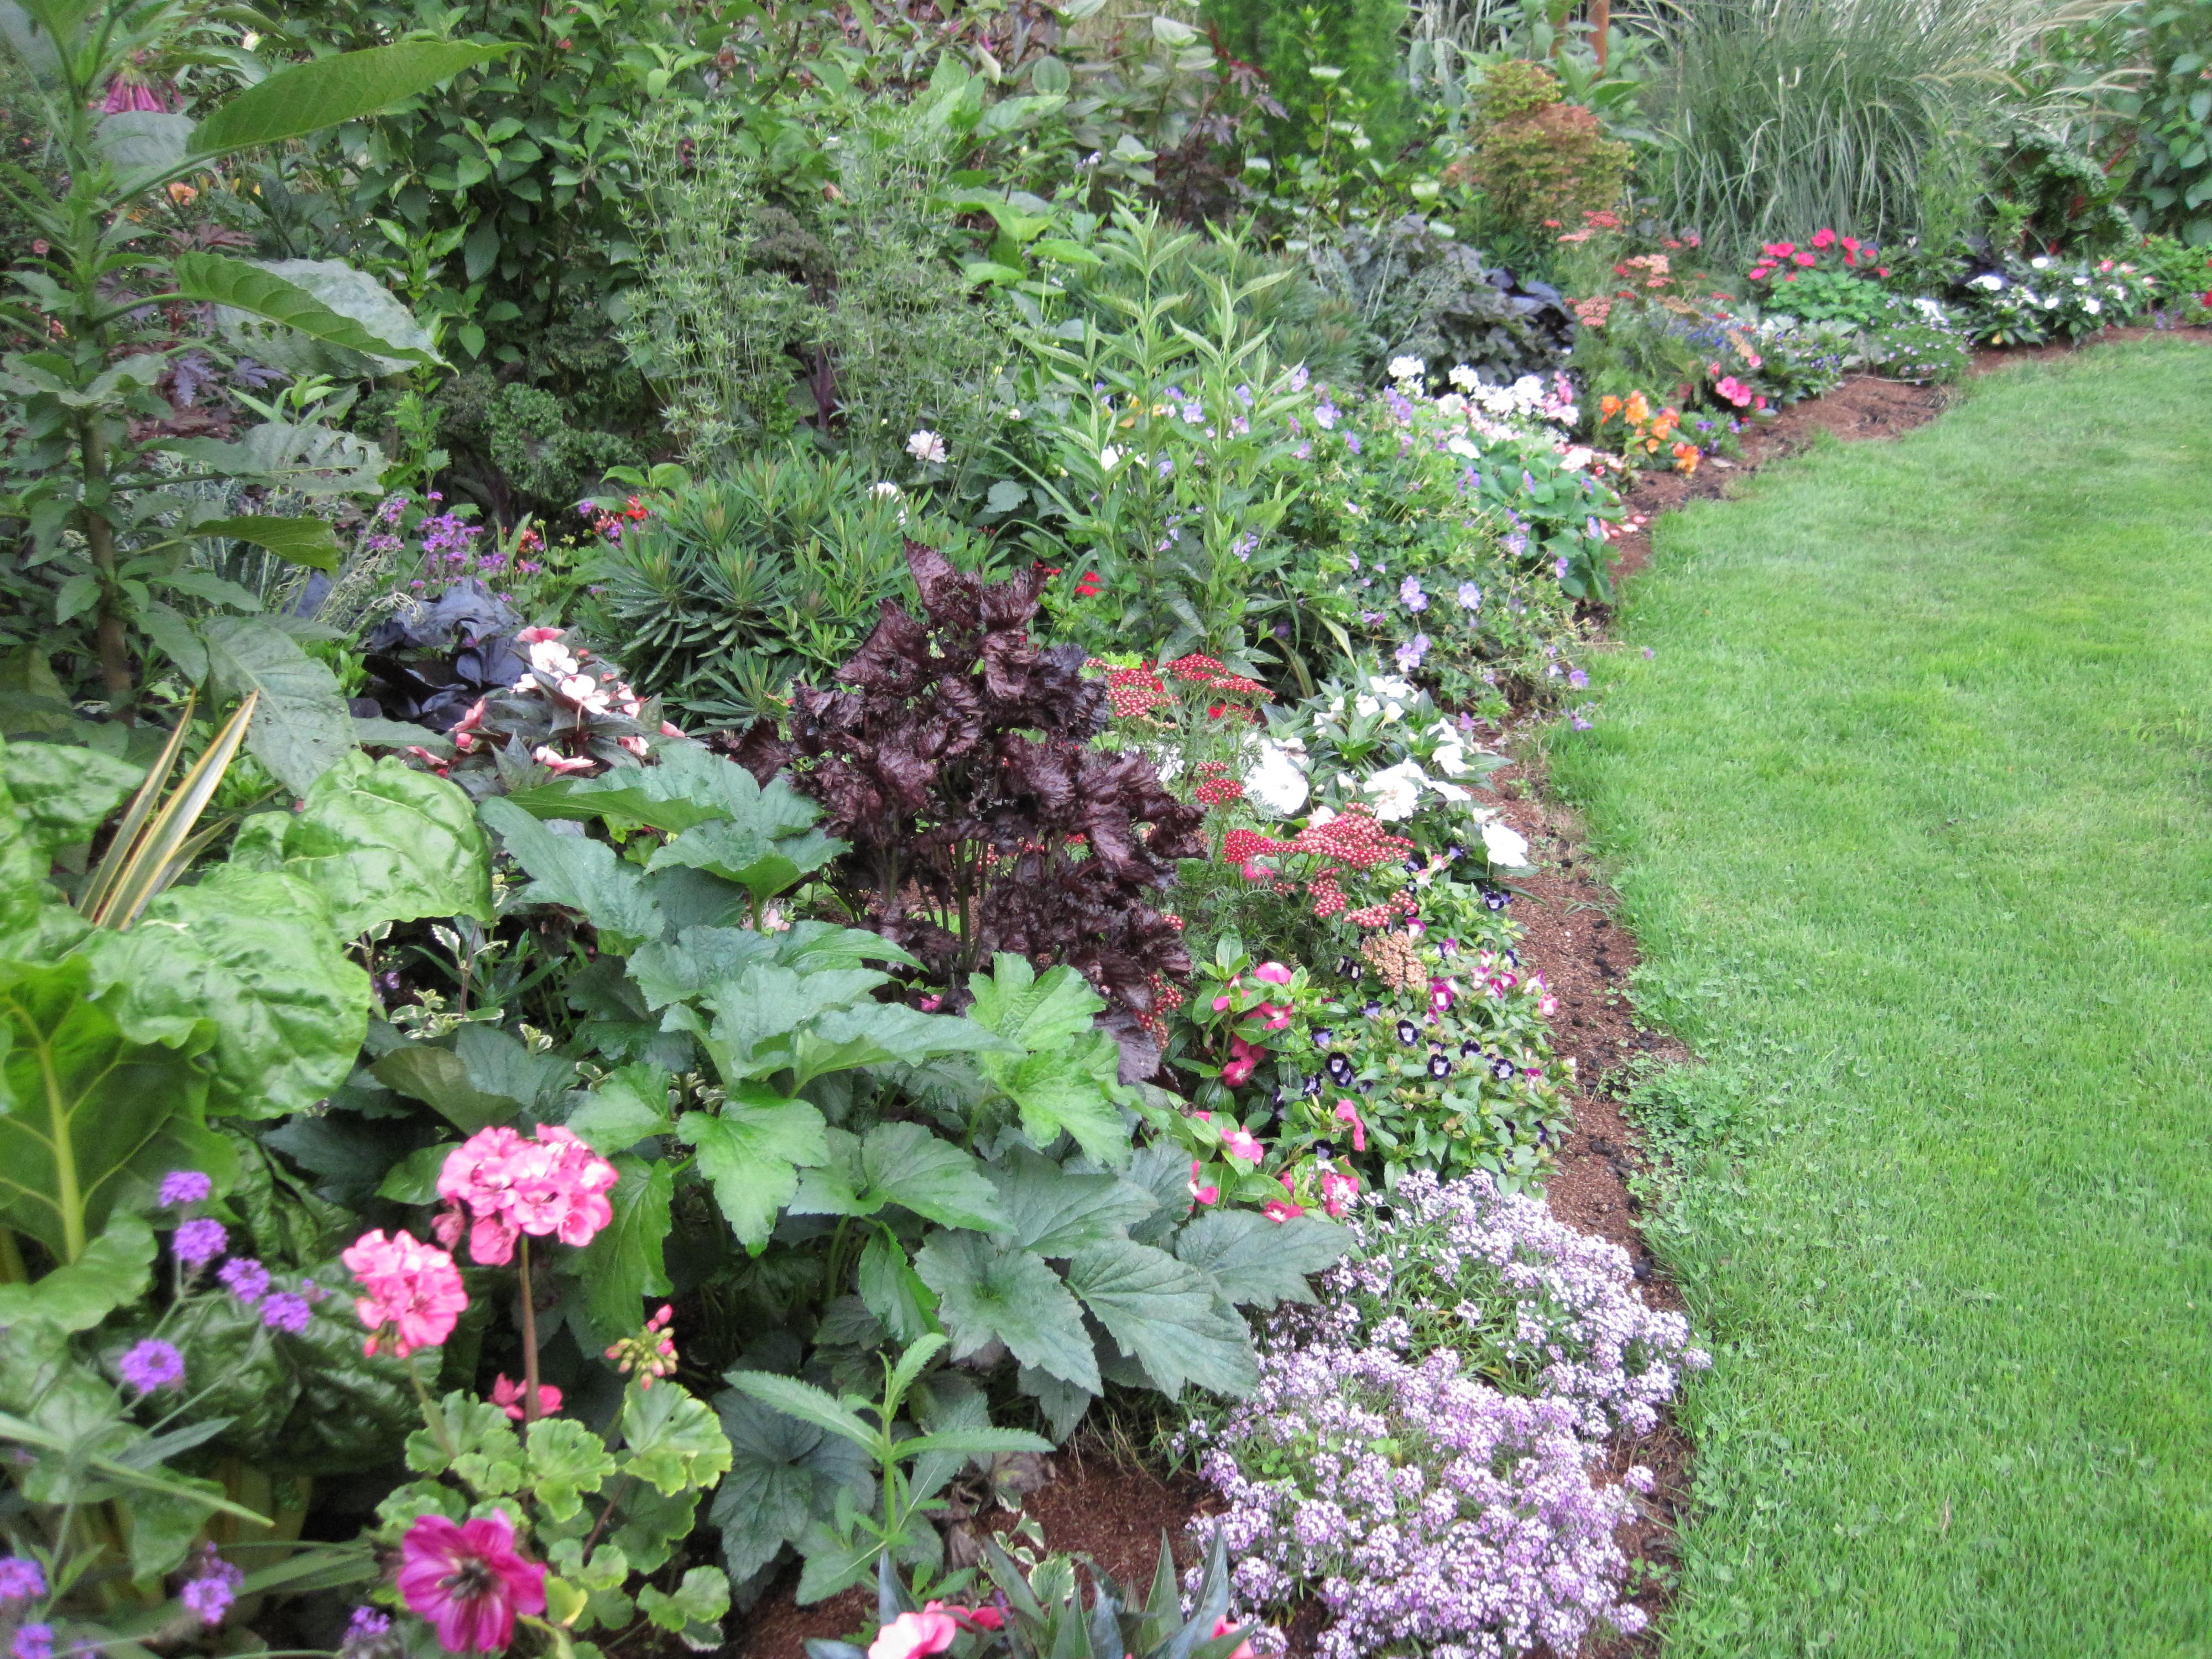 Jardin public de mimizan marier les h m rocalles d for Jardin de plante